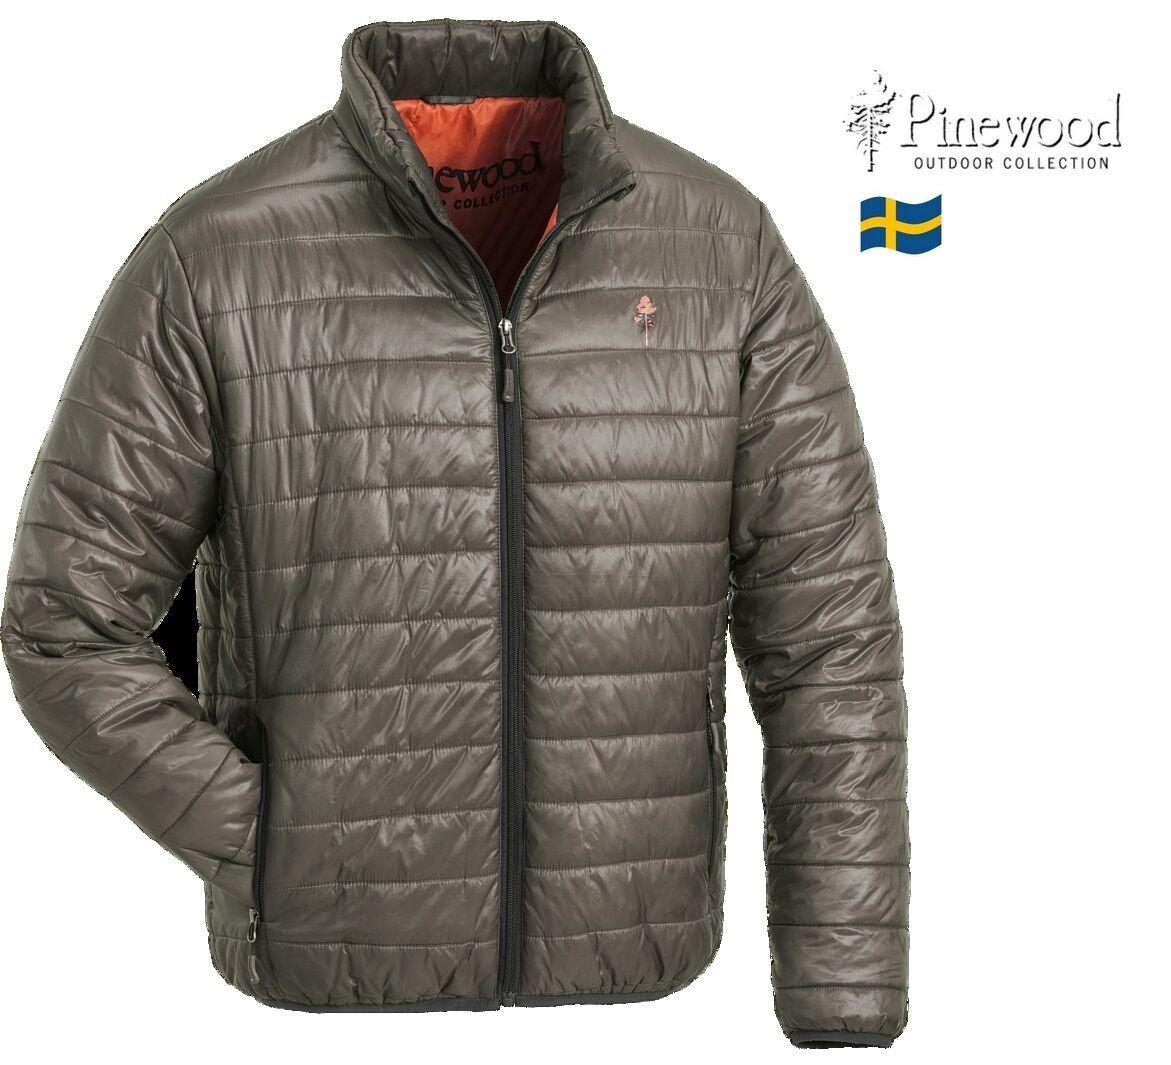 Pinewood   Hubert  chaqueta-viento densidad y precioso cálida acolchado Al aire libre chaqueta  protección post-venta